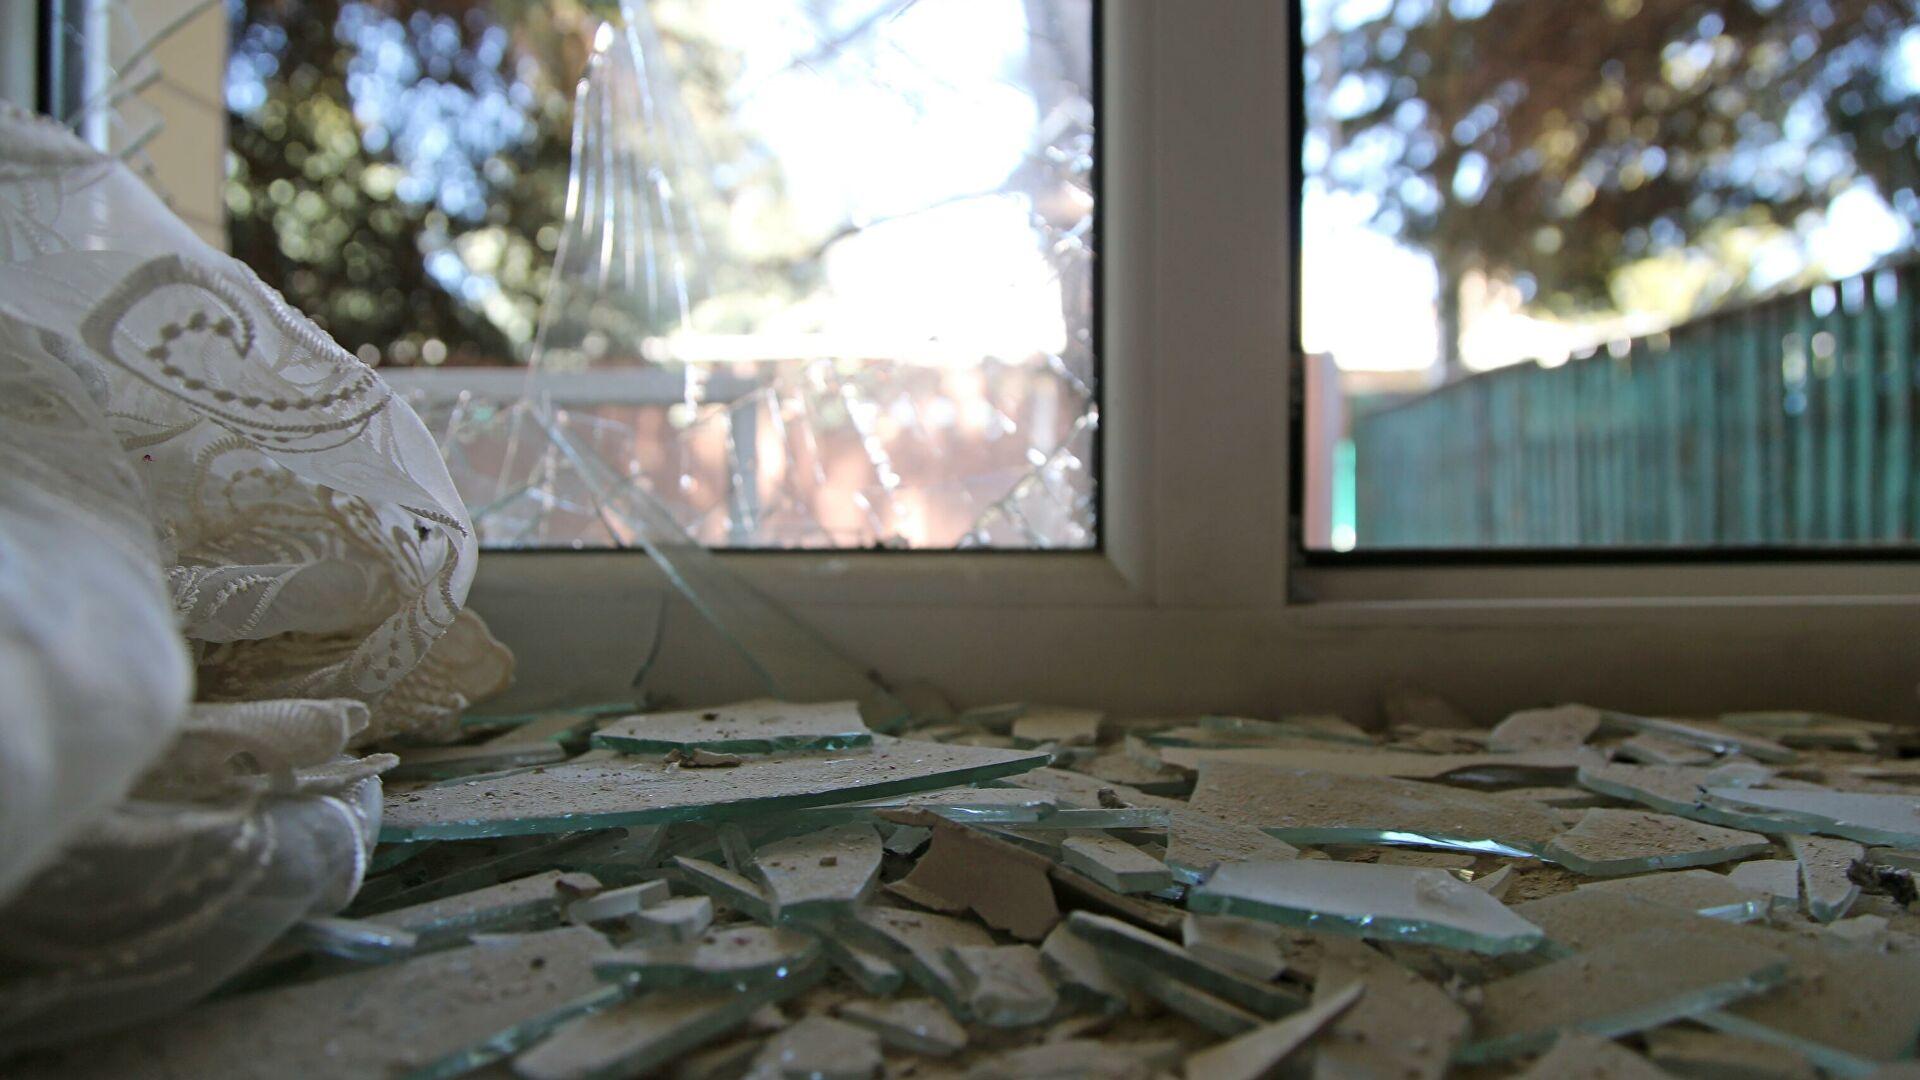 ВСУ выпустили десять мин по пригороду Донецка, заявили в ДНР